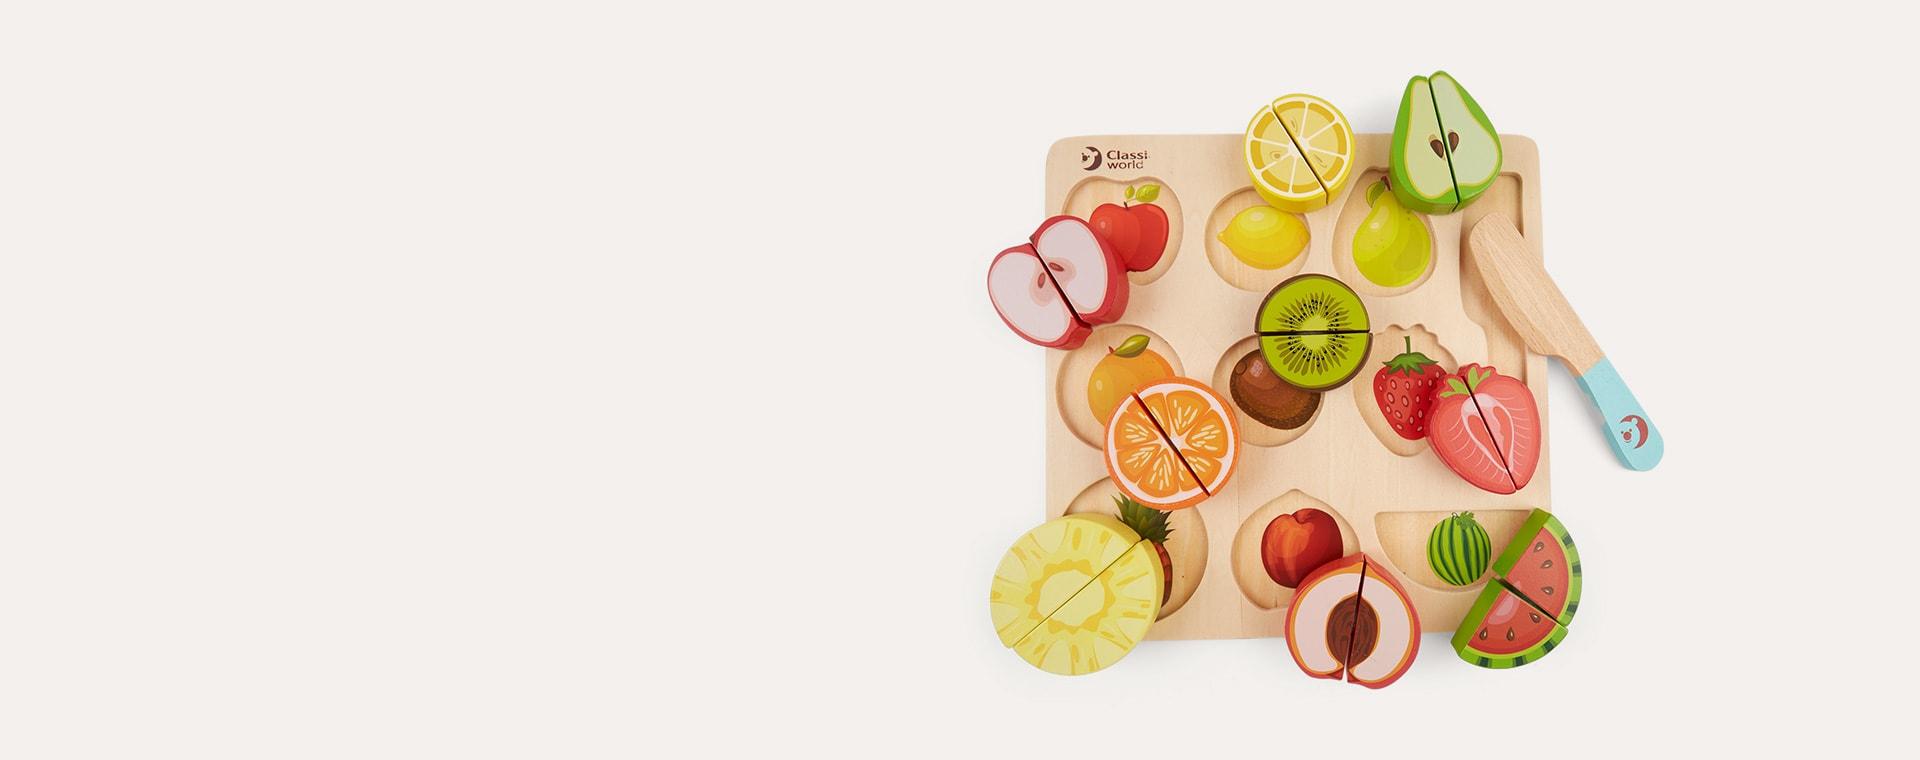 Fruit Classic World Cutting Fruit Puzzle